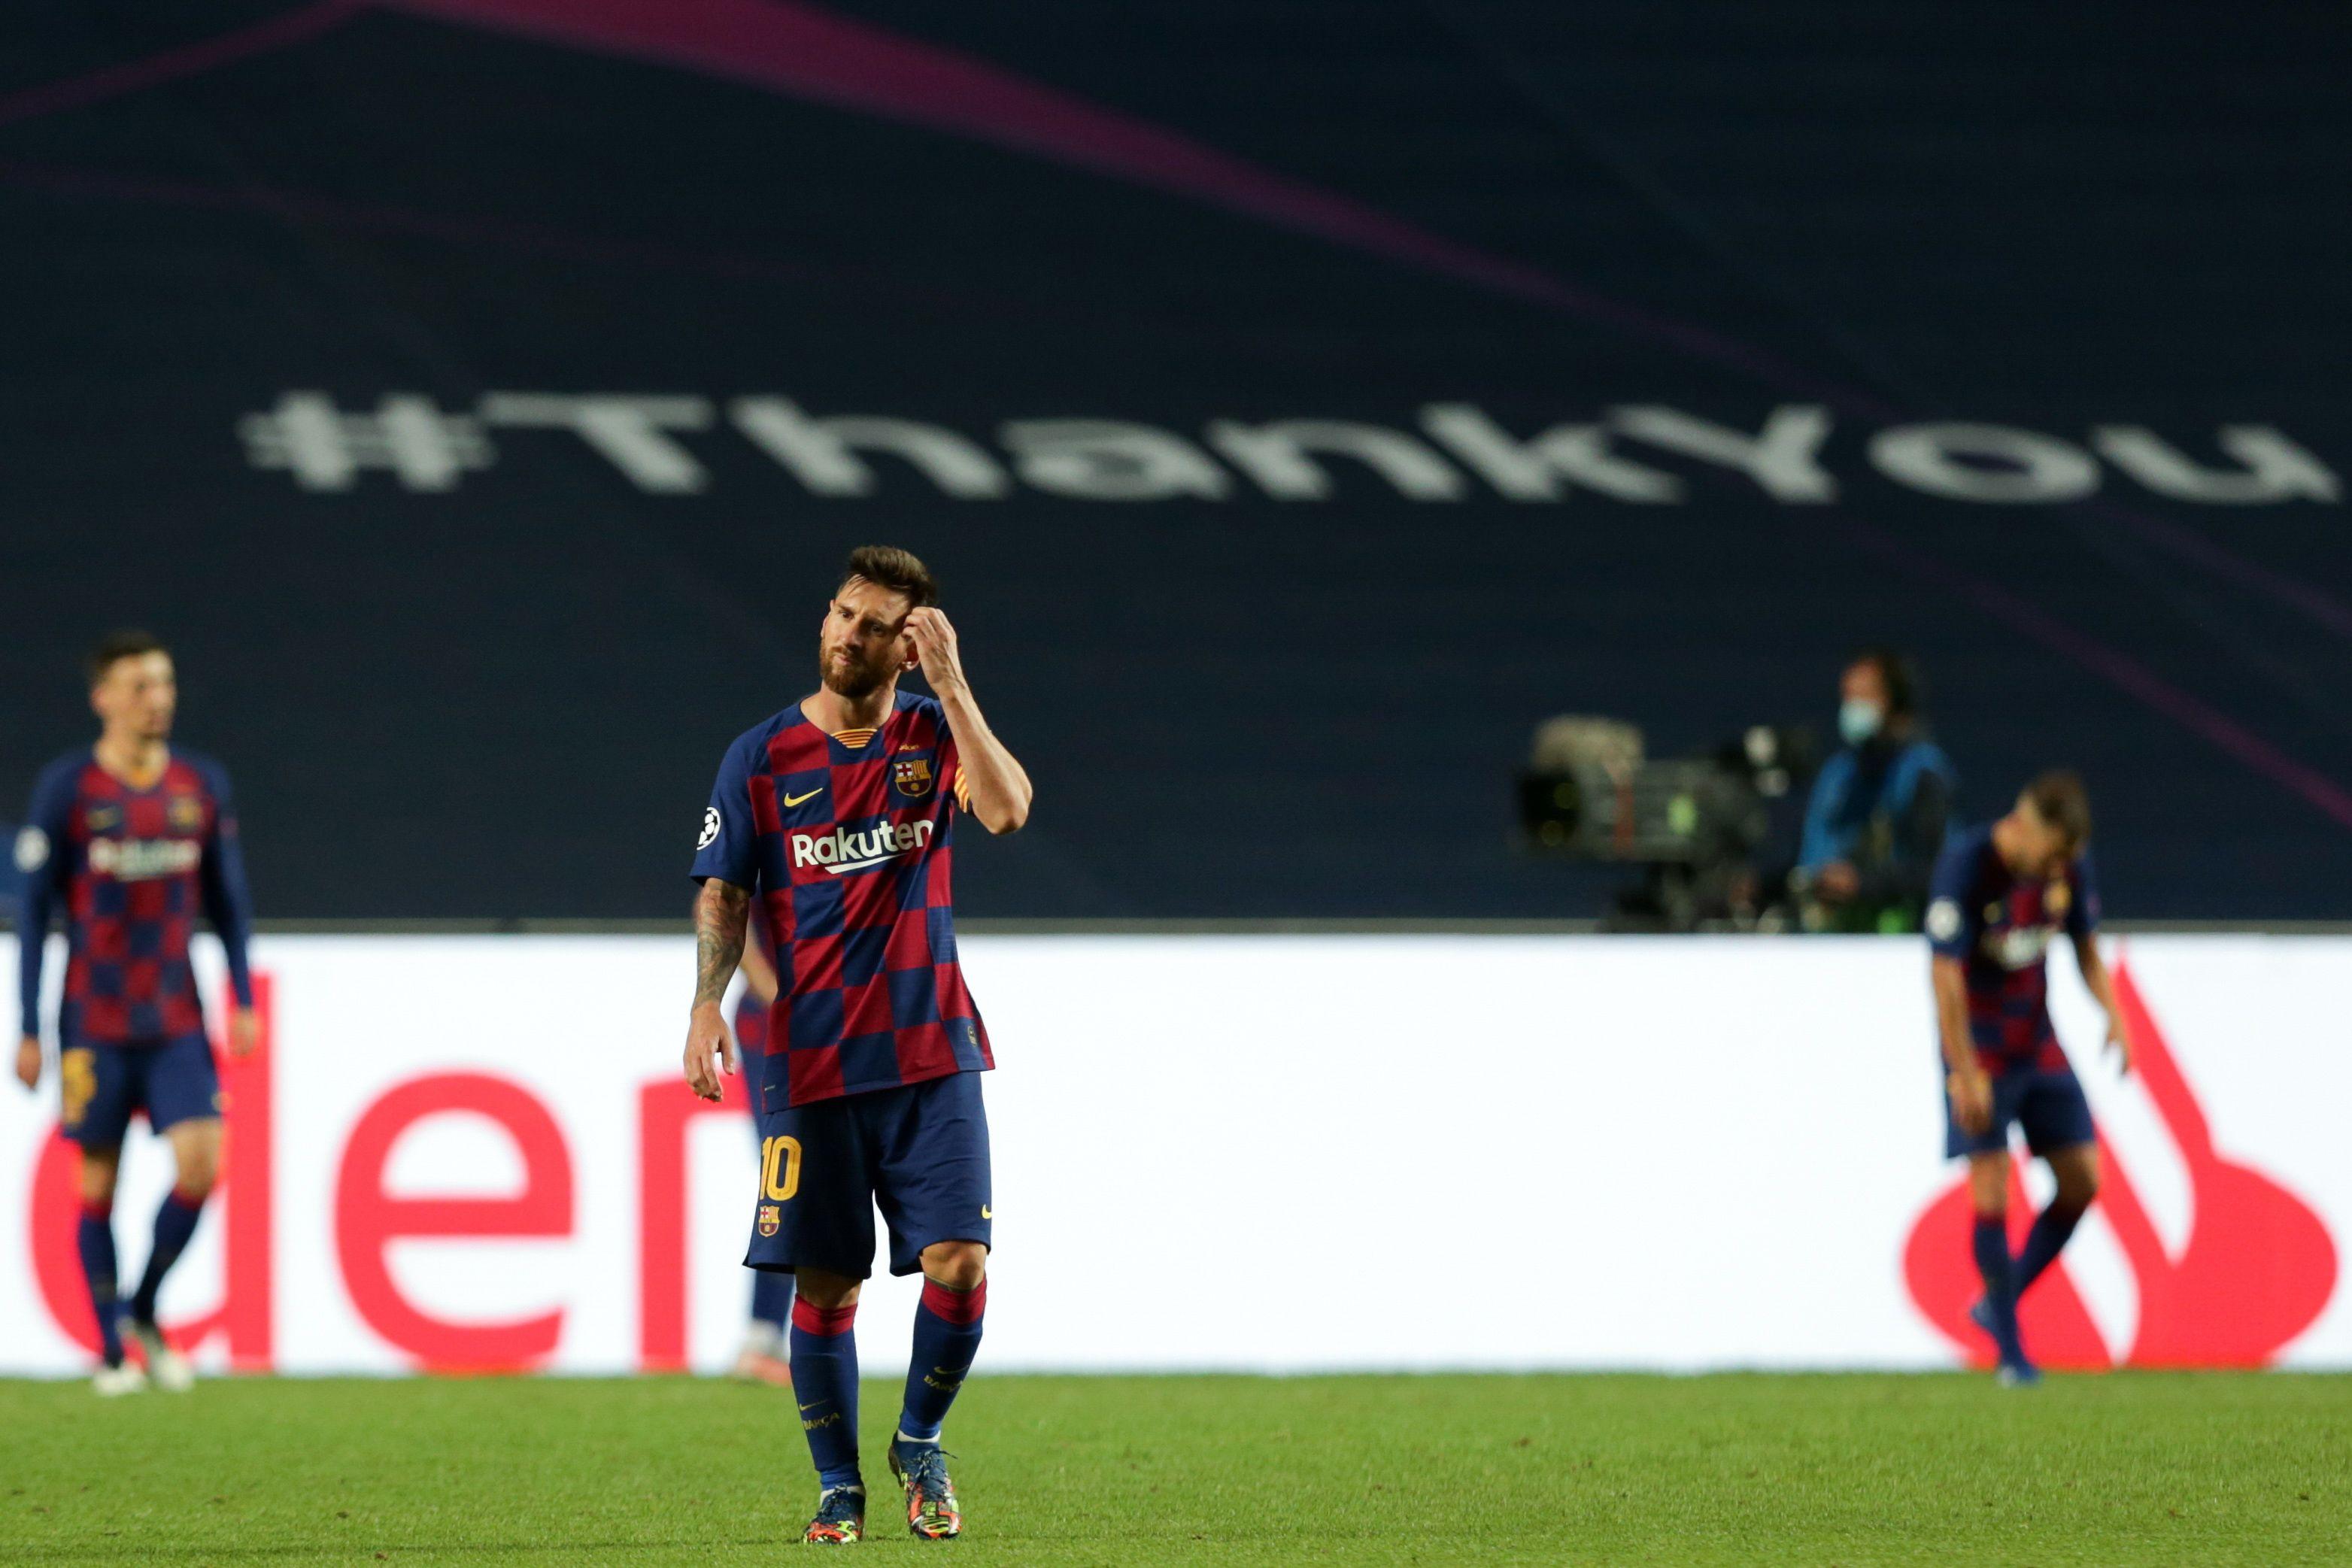 Messi durante el partido de los cuartos de final de la Liga de Campeones de la pasada temporada frente al Bayern Múnich (EFE/ EPA/ Tiago Petinga)